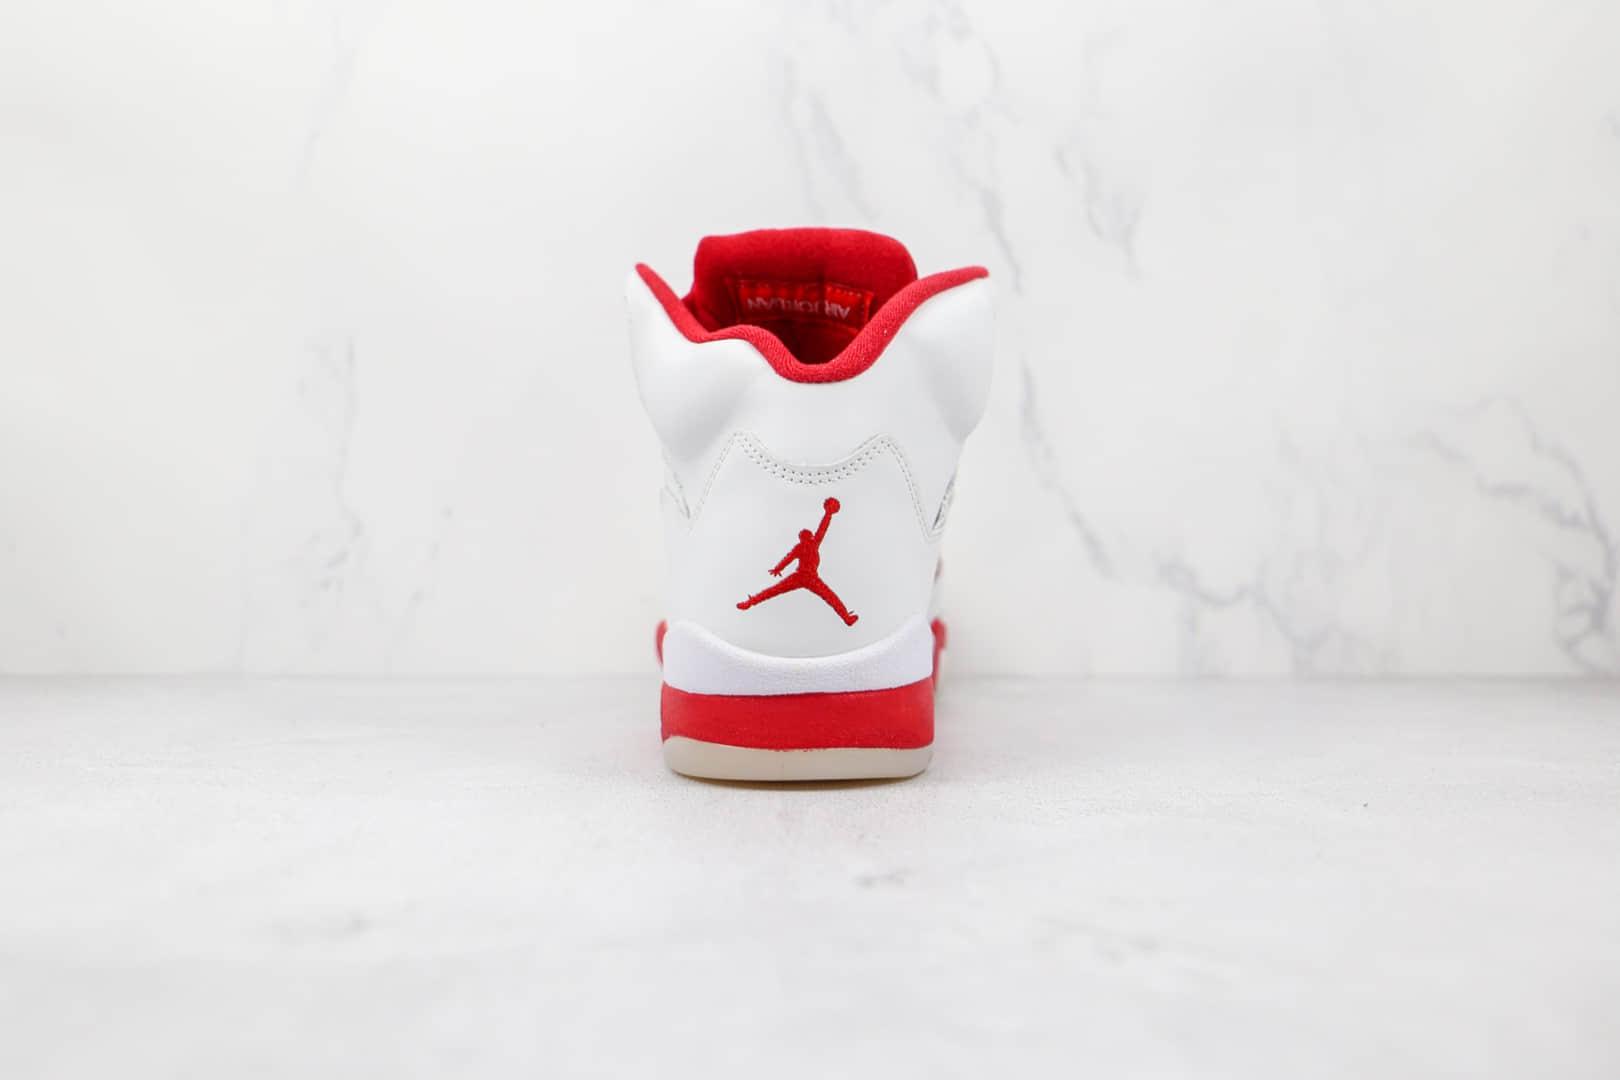 乔丹Air Jordan Retro 5 Pink纯原版本情人节AJ5白粉色篮球鞋原档案数据开发 货号:440892-106